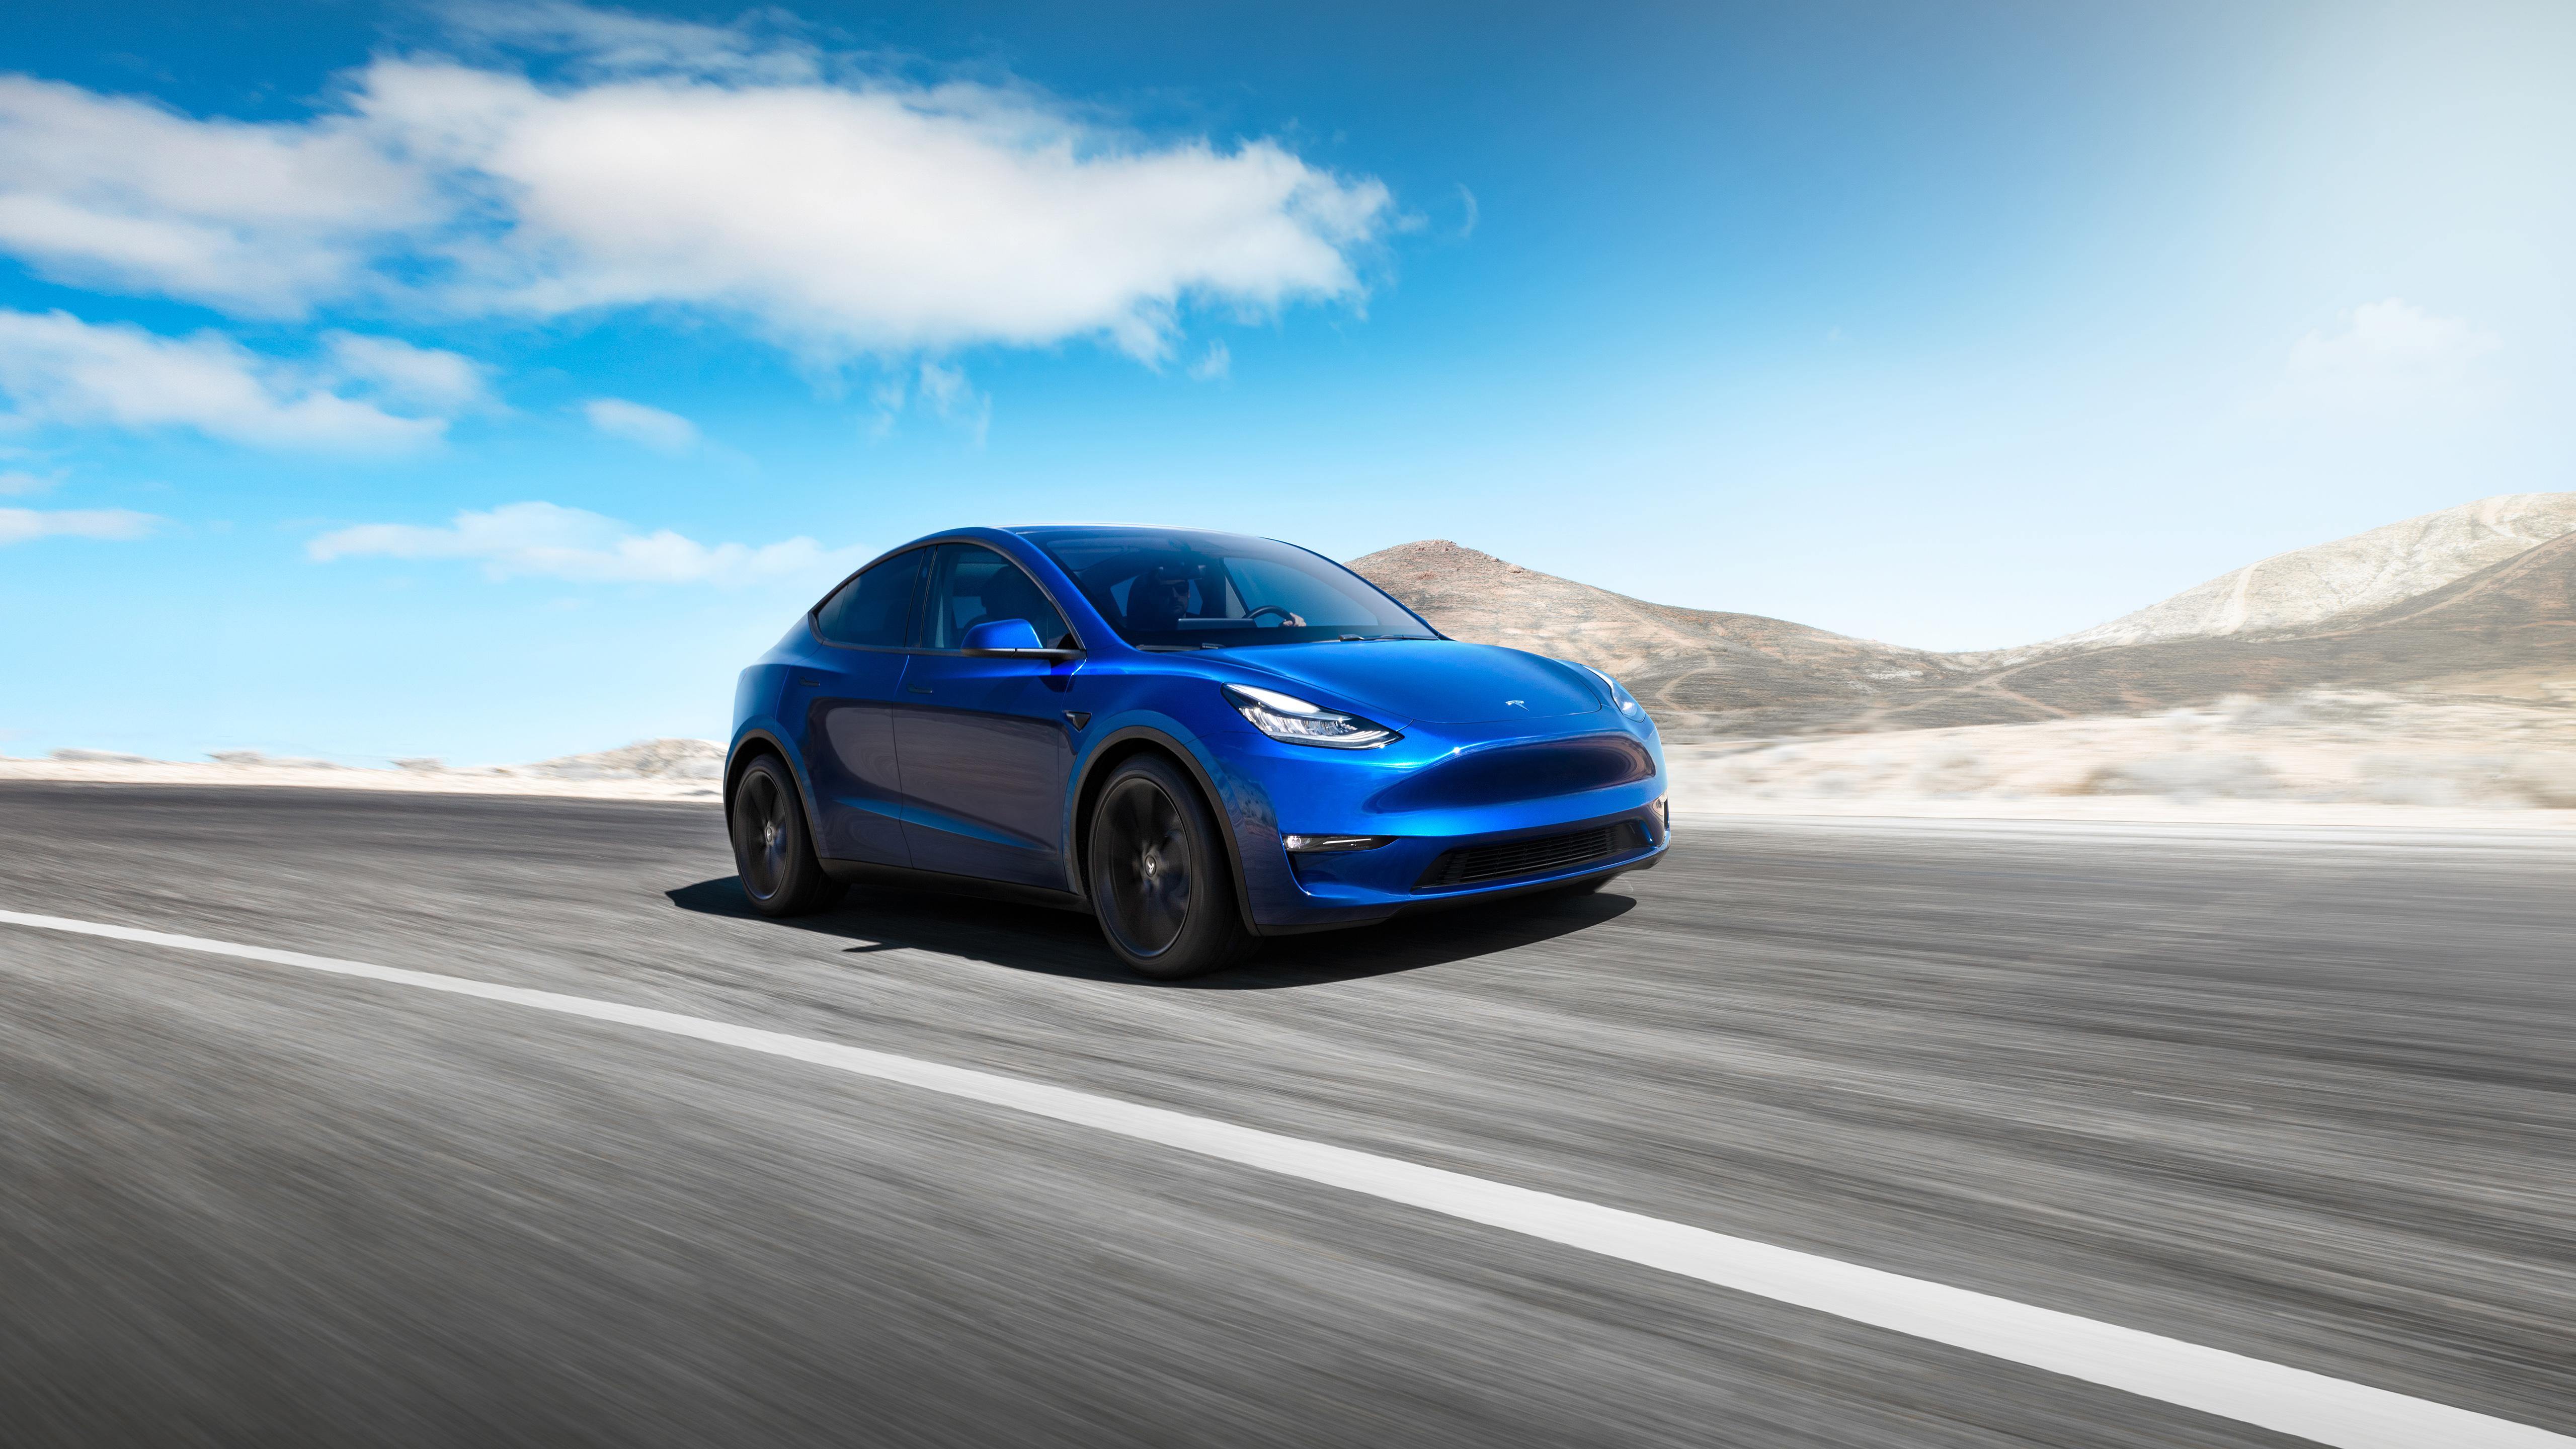 Tesla Model Y 2020 4k Wallpaper Hd Car Wallpapers Id 12297